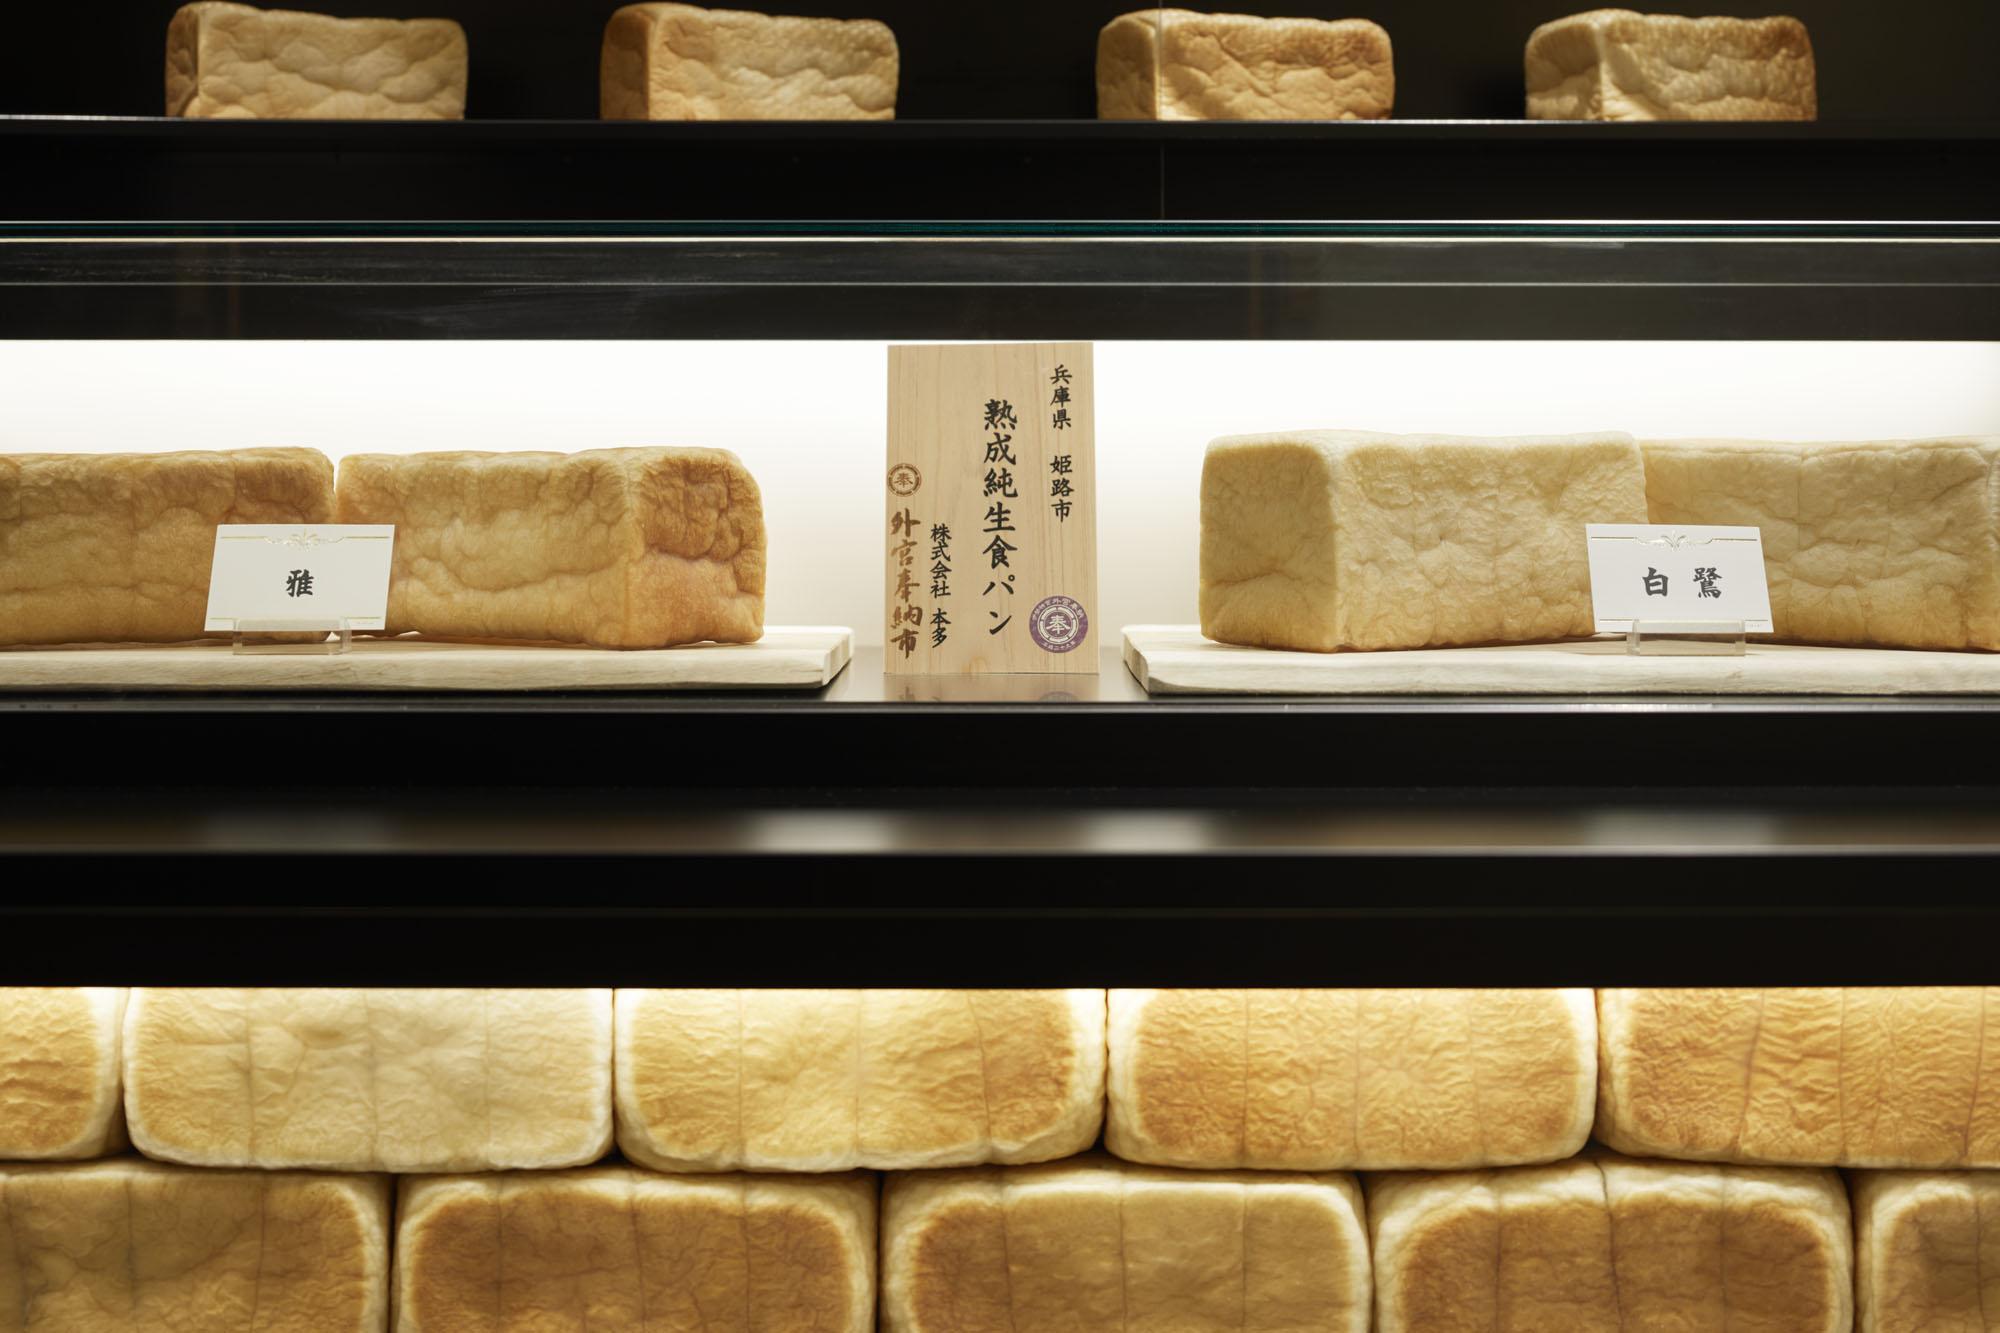 gardenフェスタ 2019.9.21 結婚指輪・婚約指輪 関西最大級 本多 生食パン